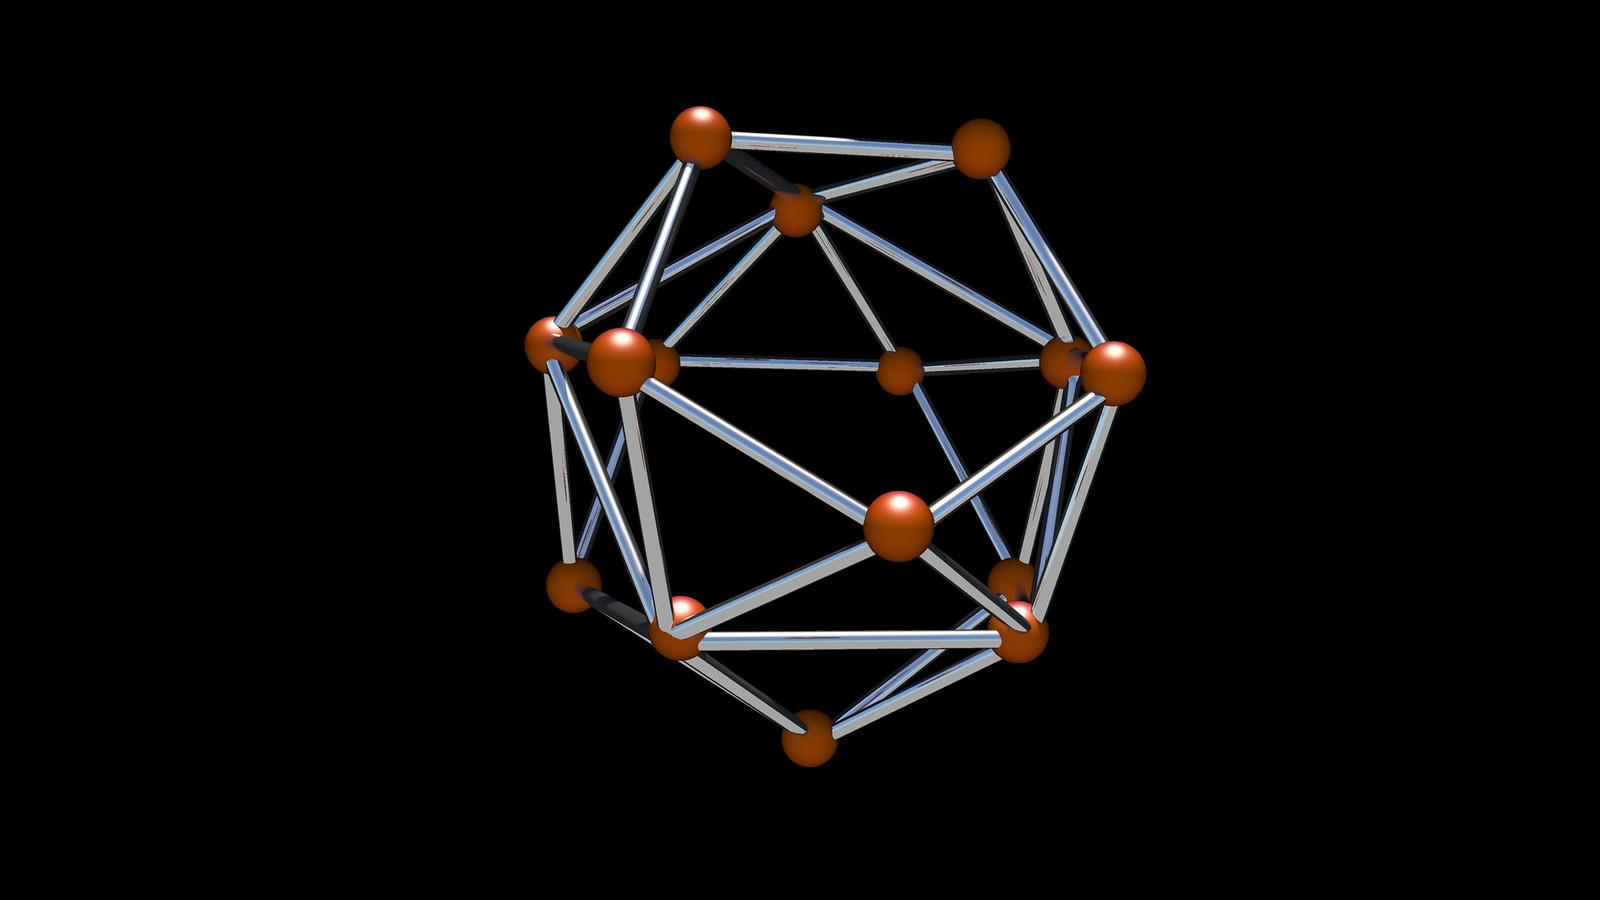 pentagono_drum_73